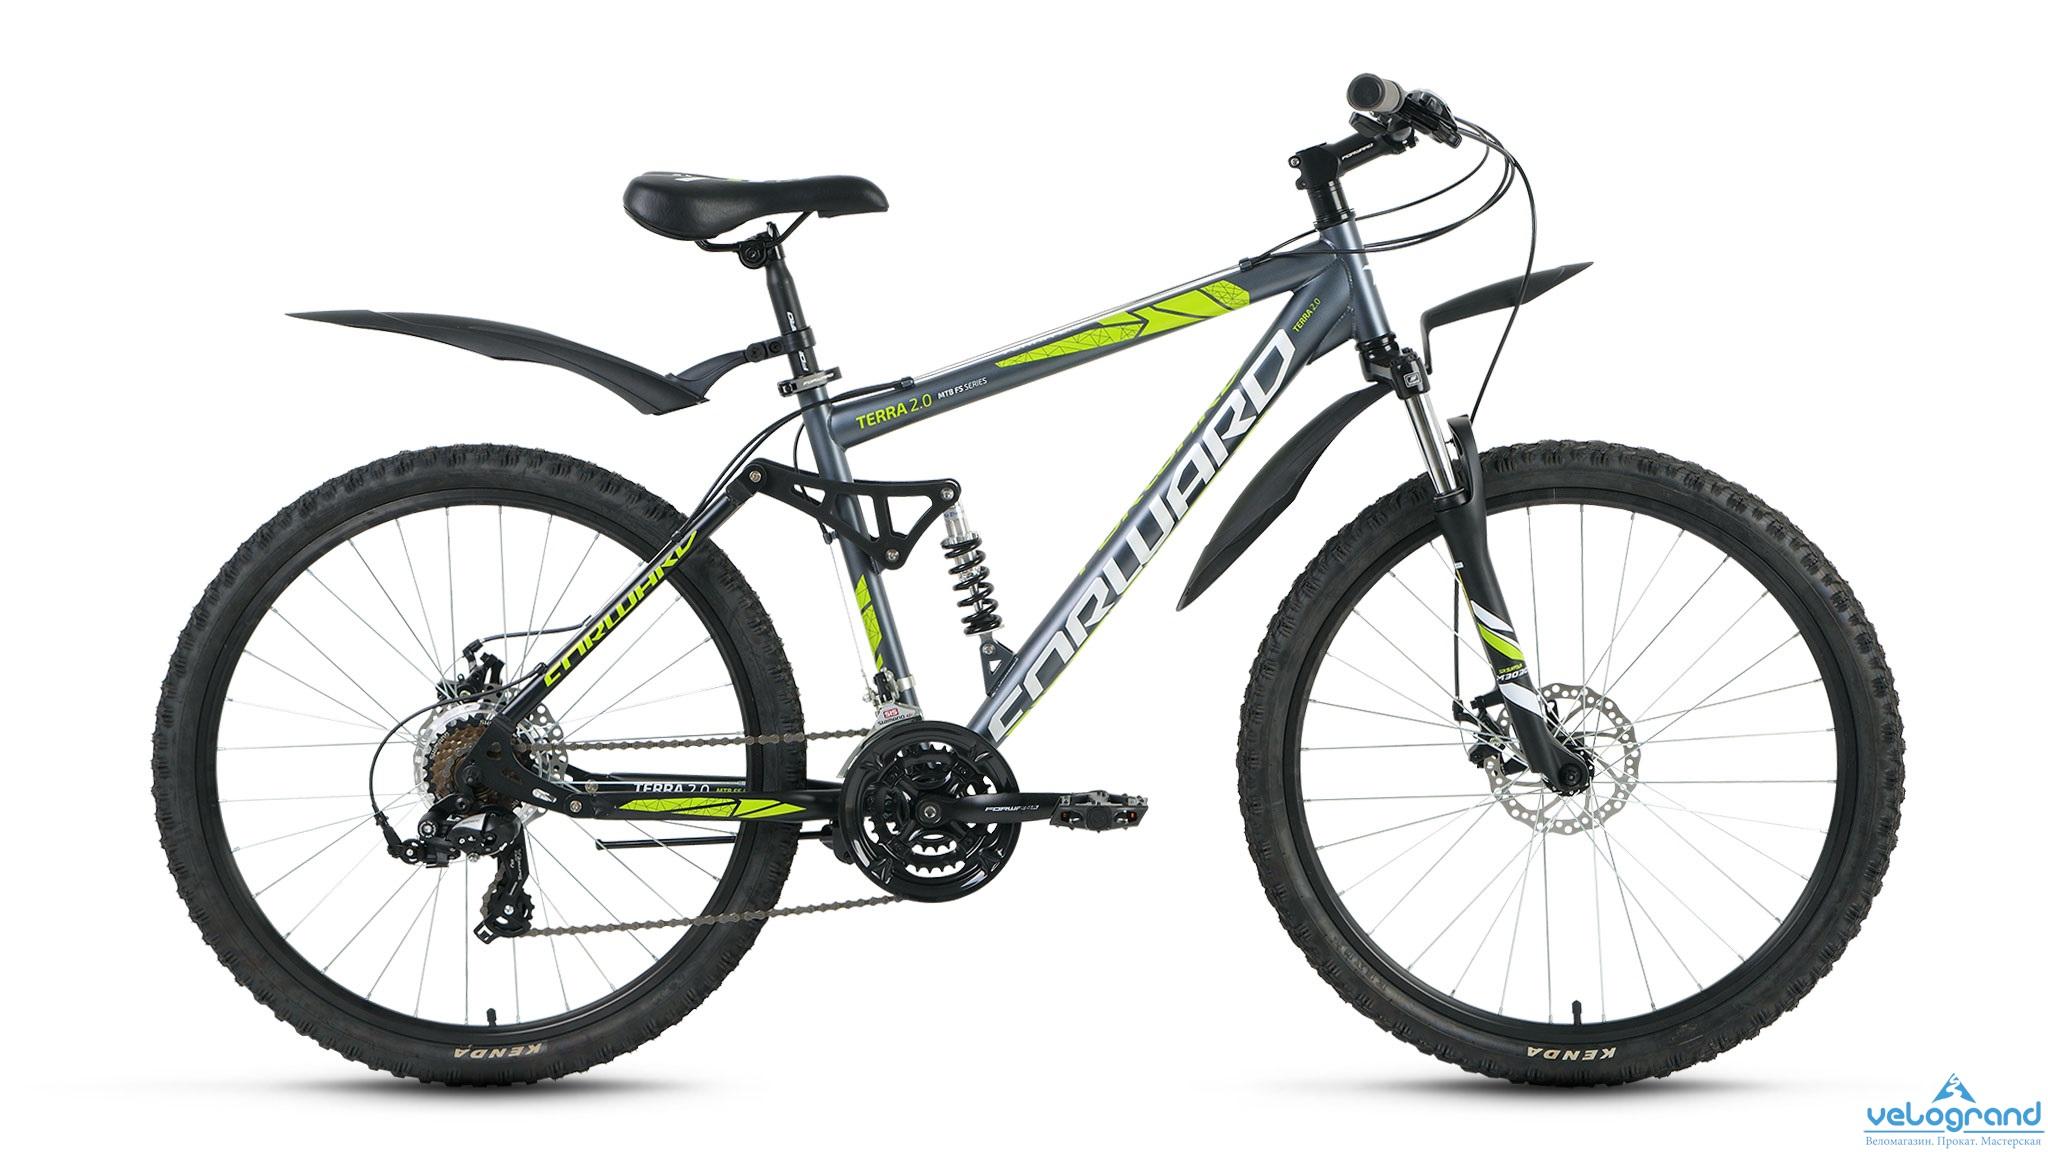 Велосипед двухподвес Forward Terra 2.0 disc (2016), Цвет Серый, Размер 18